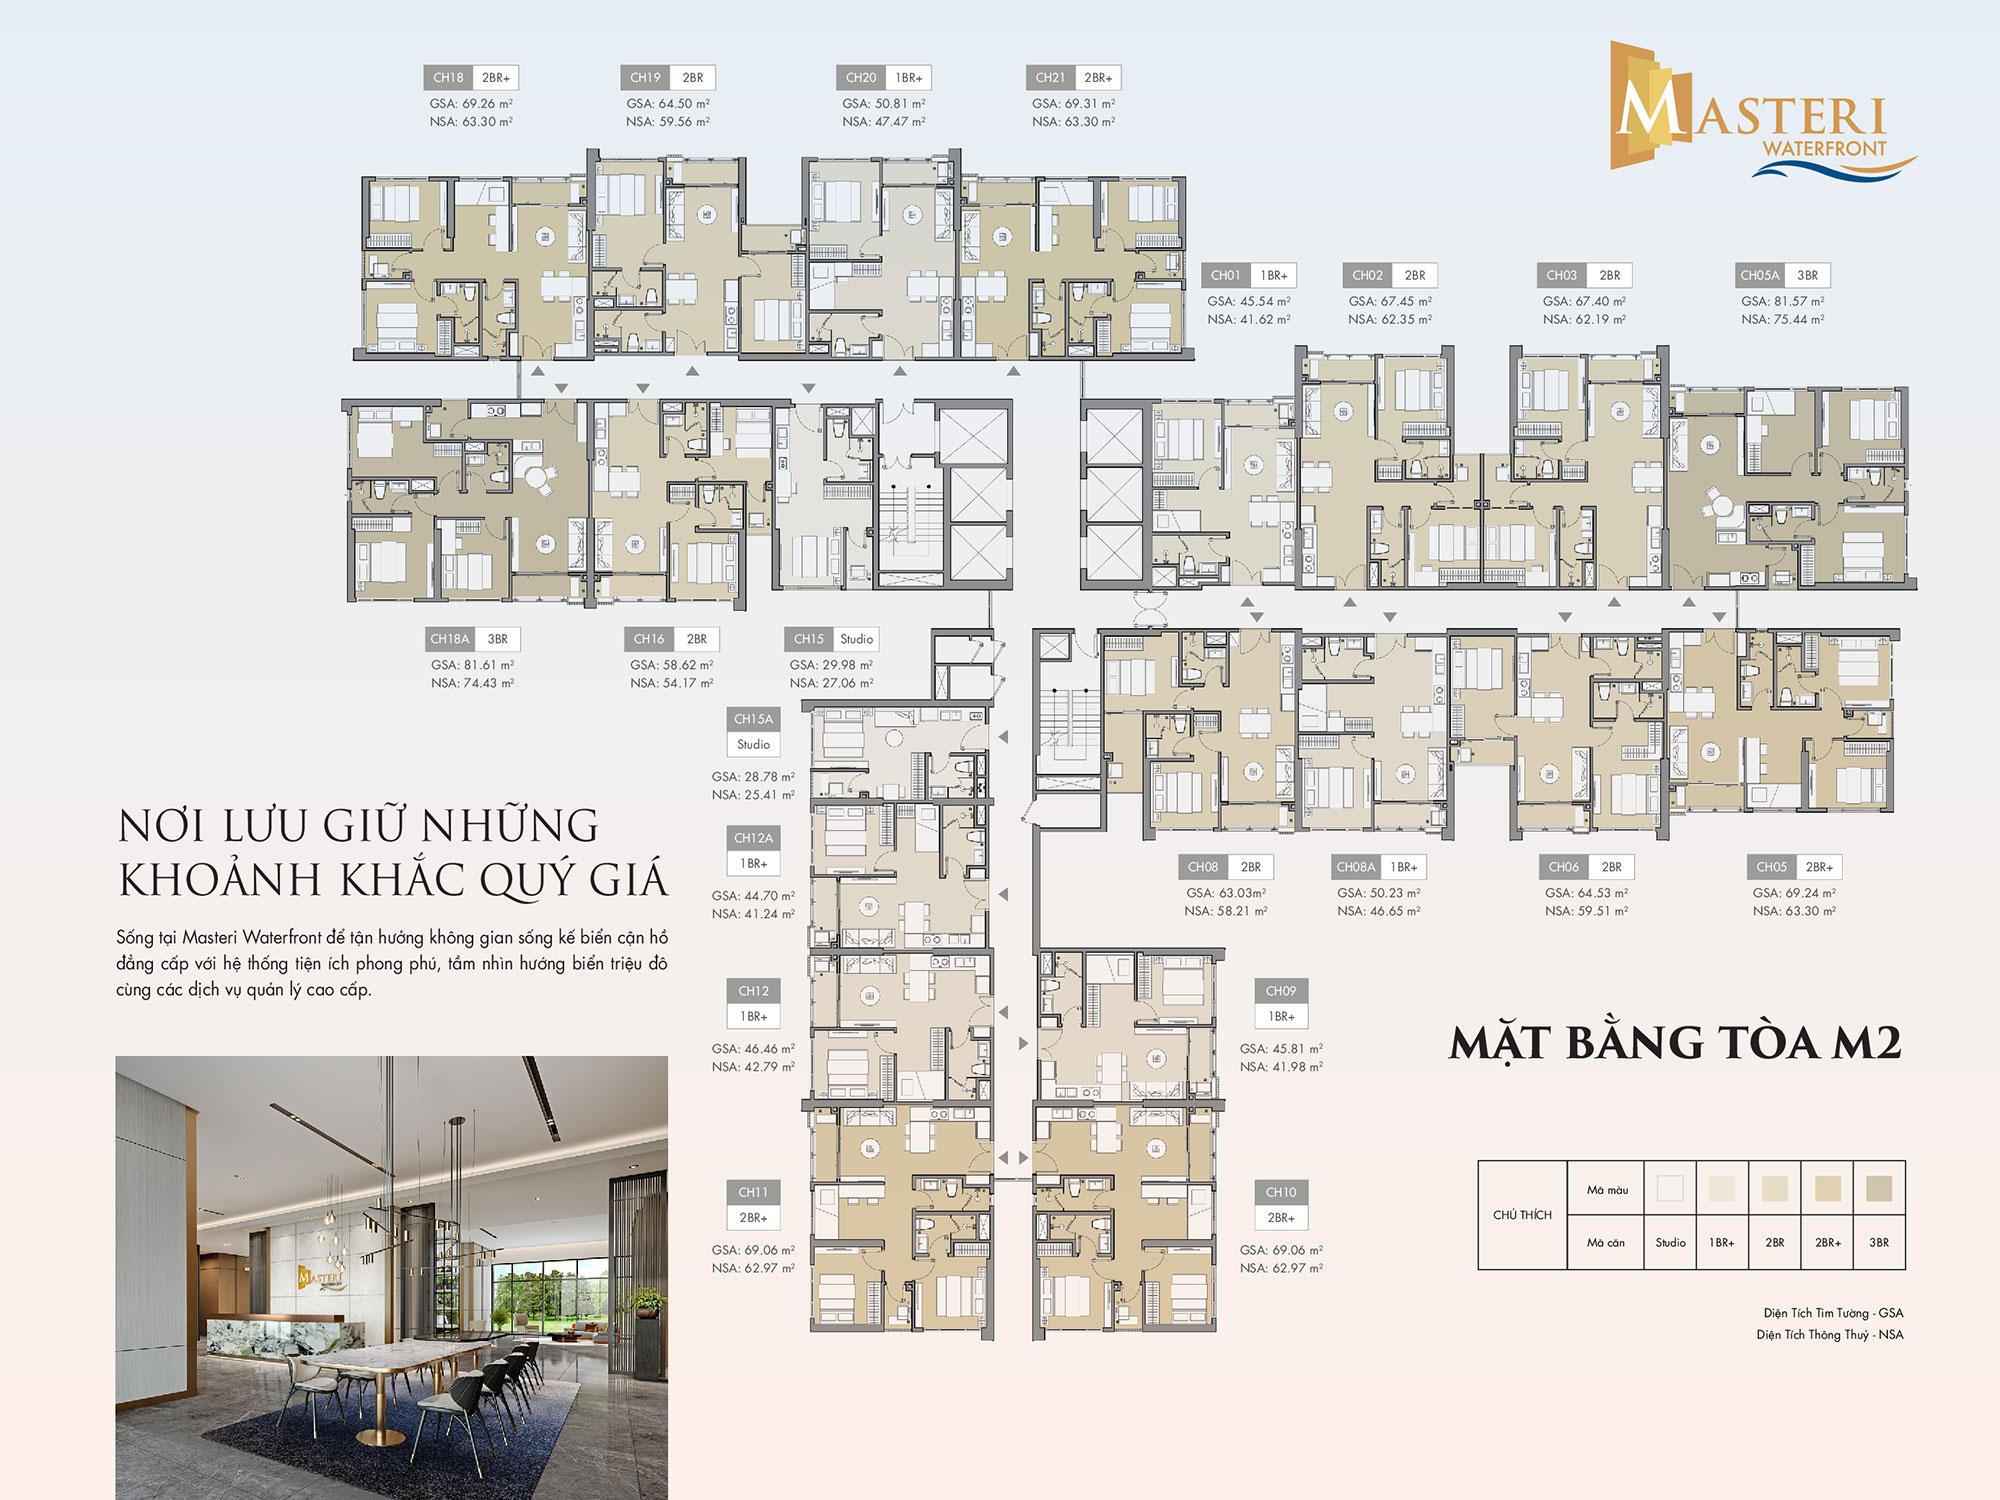 mat-bang-toa-m2-masteri-waterfront